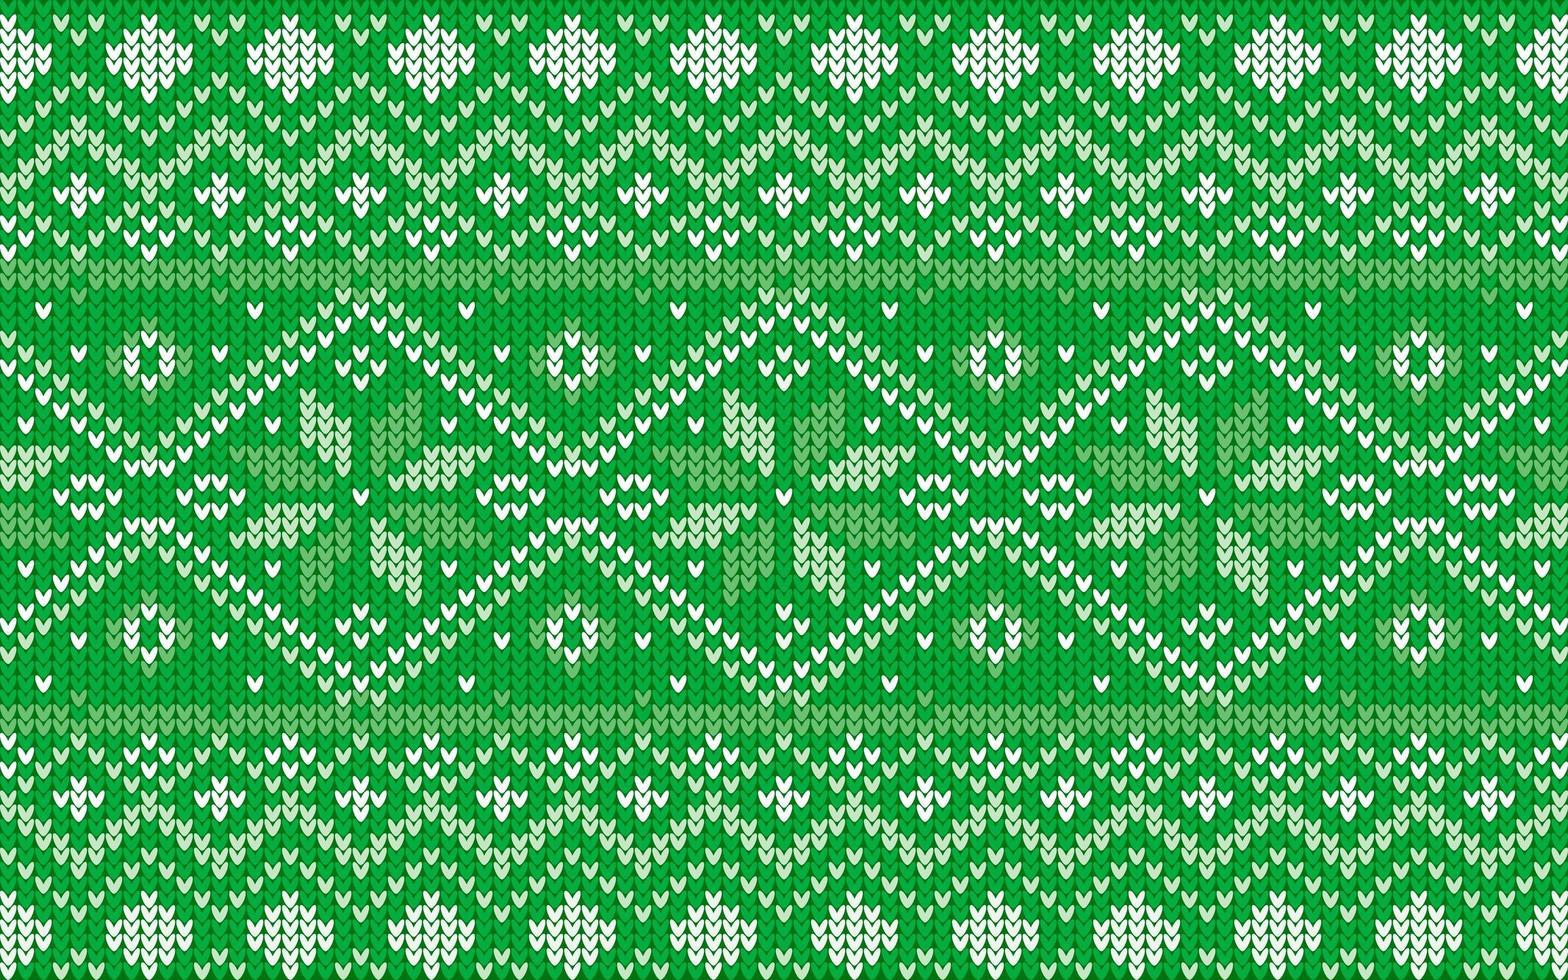 patrón jaquard para navidad con copos de nieve vector